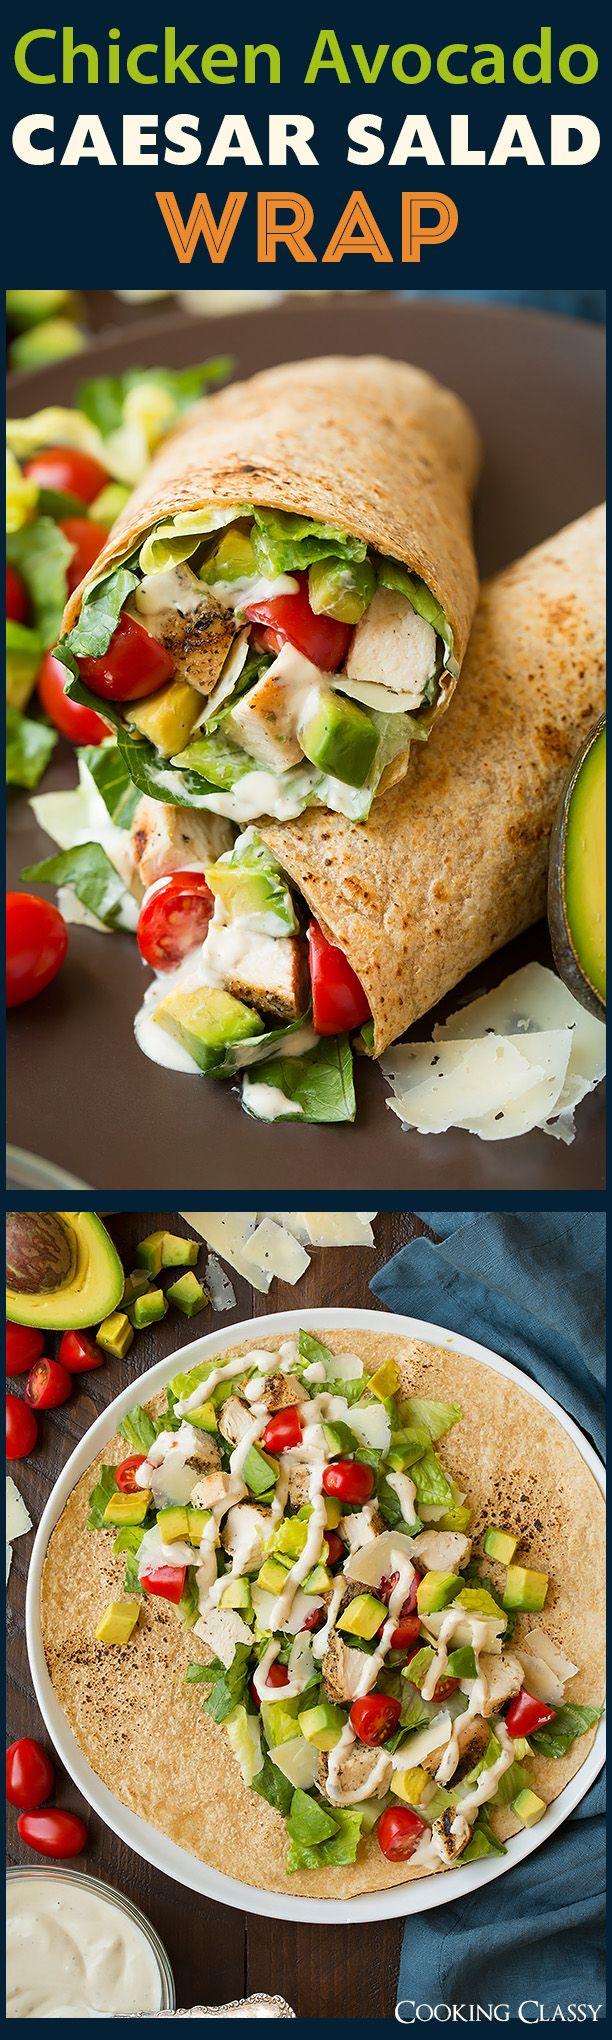 Chicken Avocado Caesar Salad Wrap - Cooking Classy